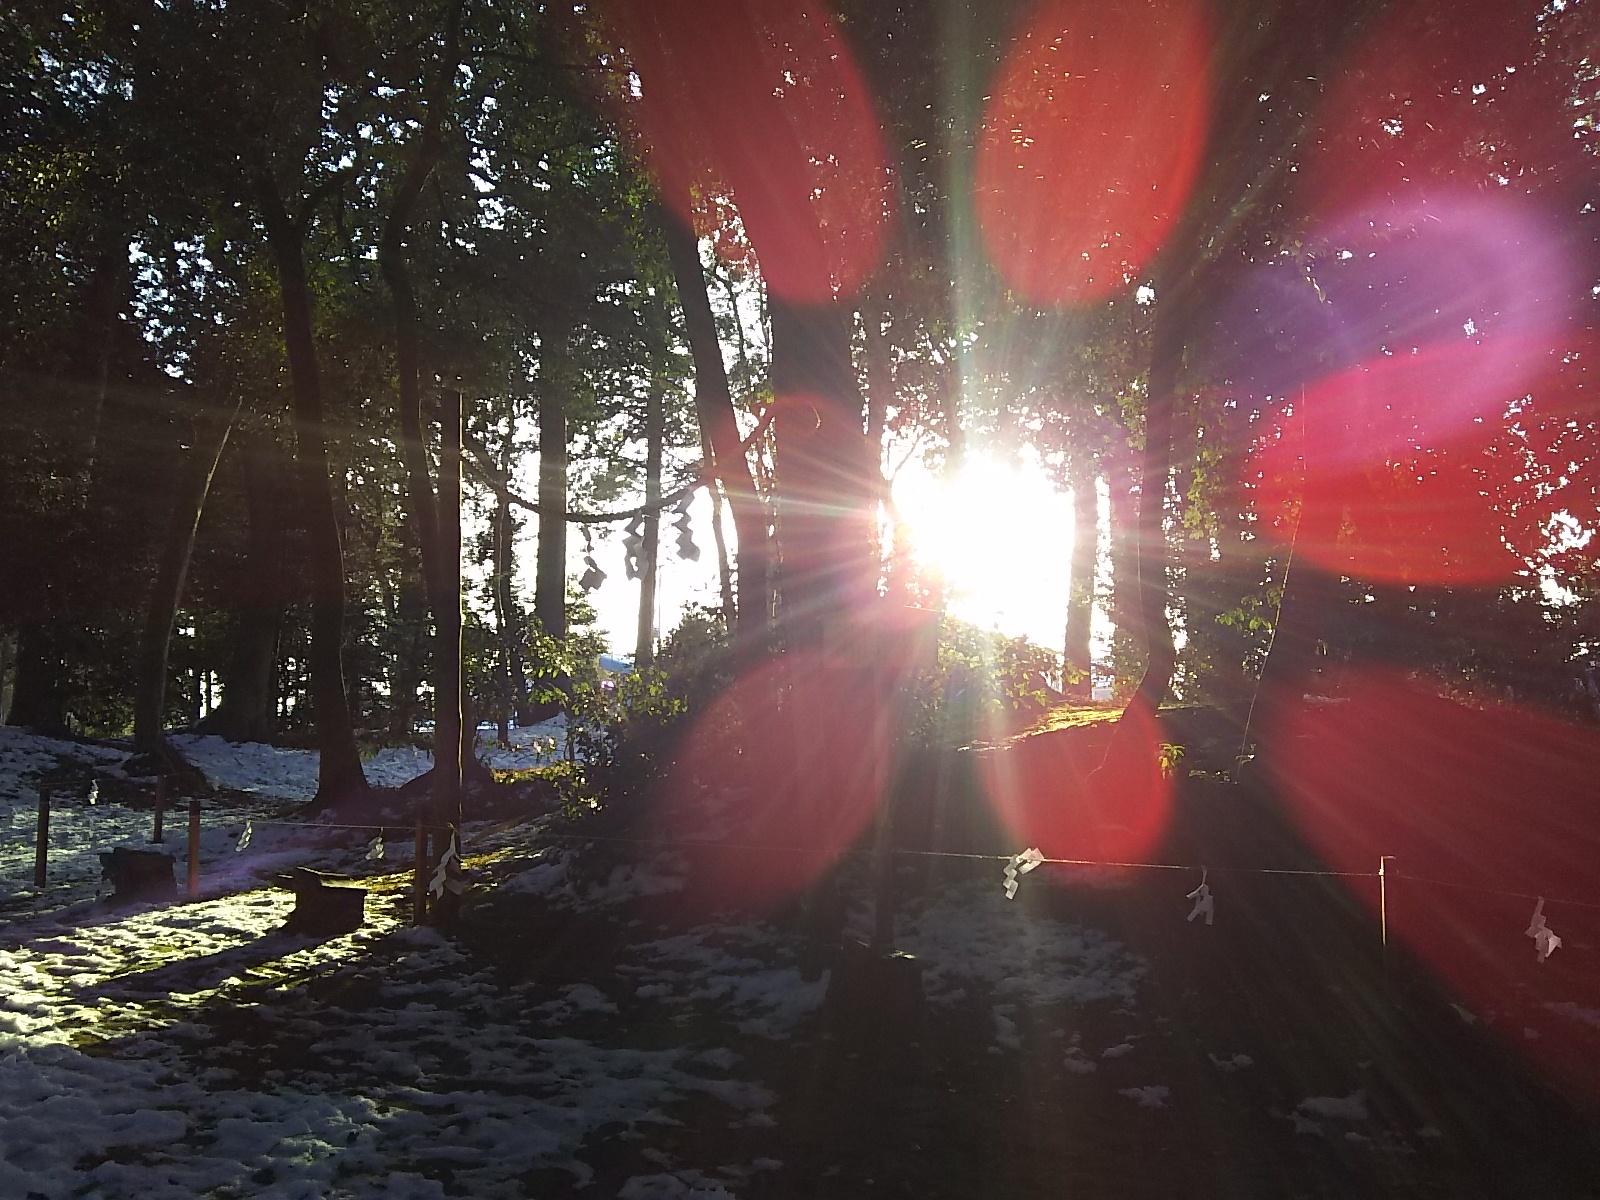 近江八幡は結構雪が残っていますね